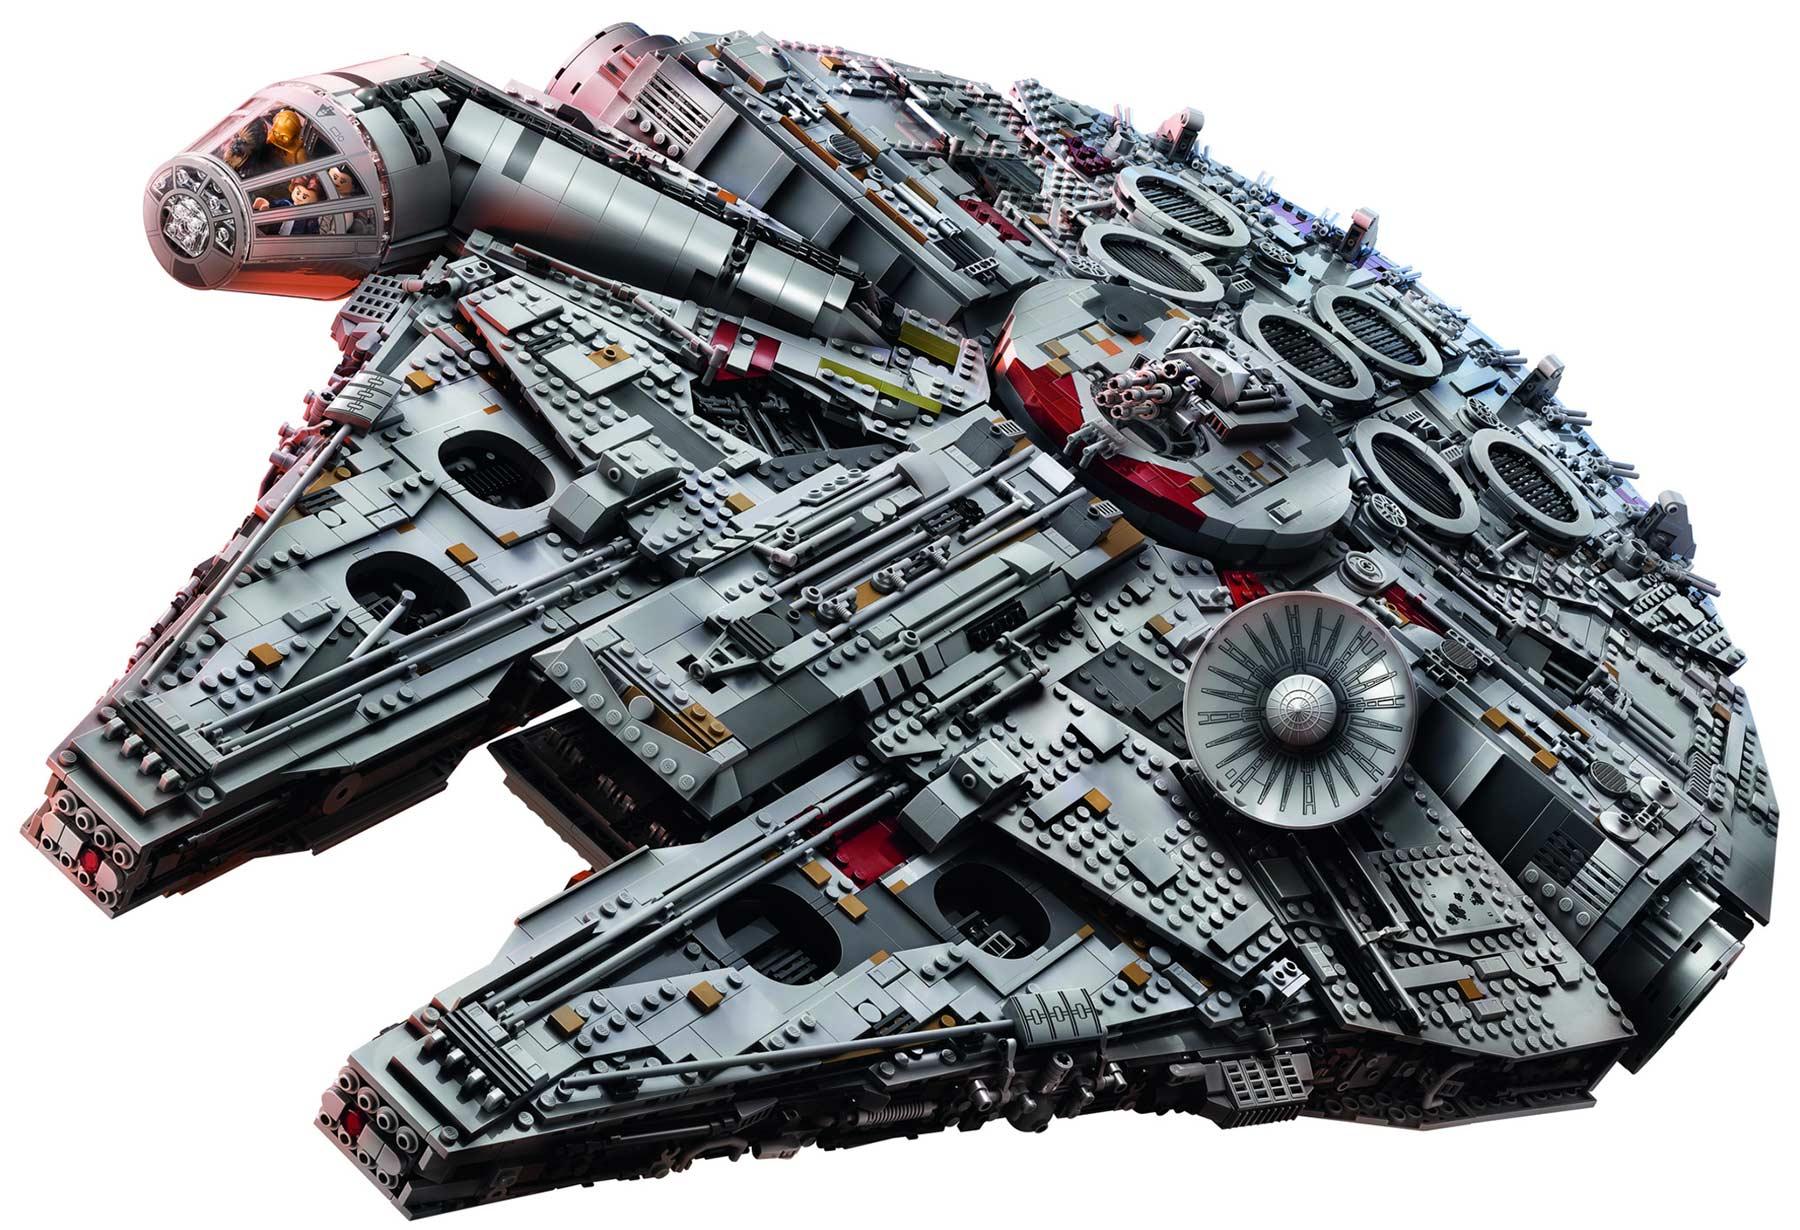 Dieser neue LEGO-Millennium Falcon kommt mit 7.541 Steinen LEGO-Millennium-Falcon-neu_01